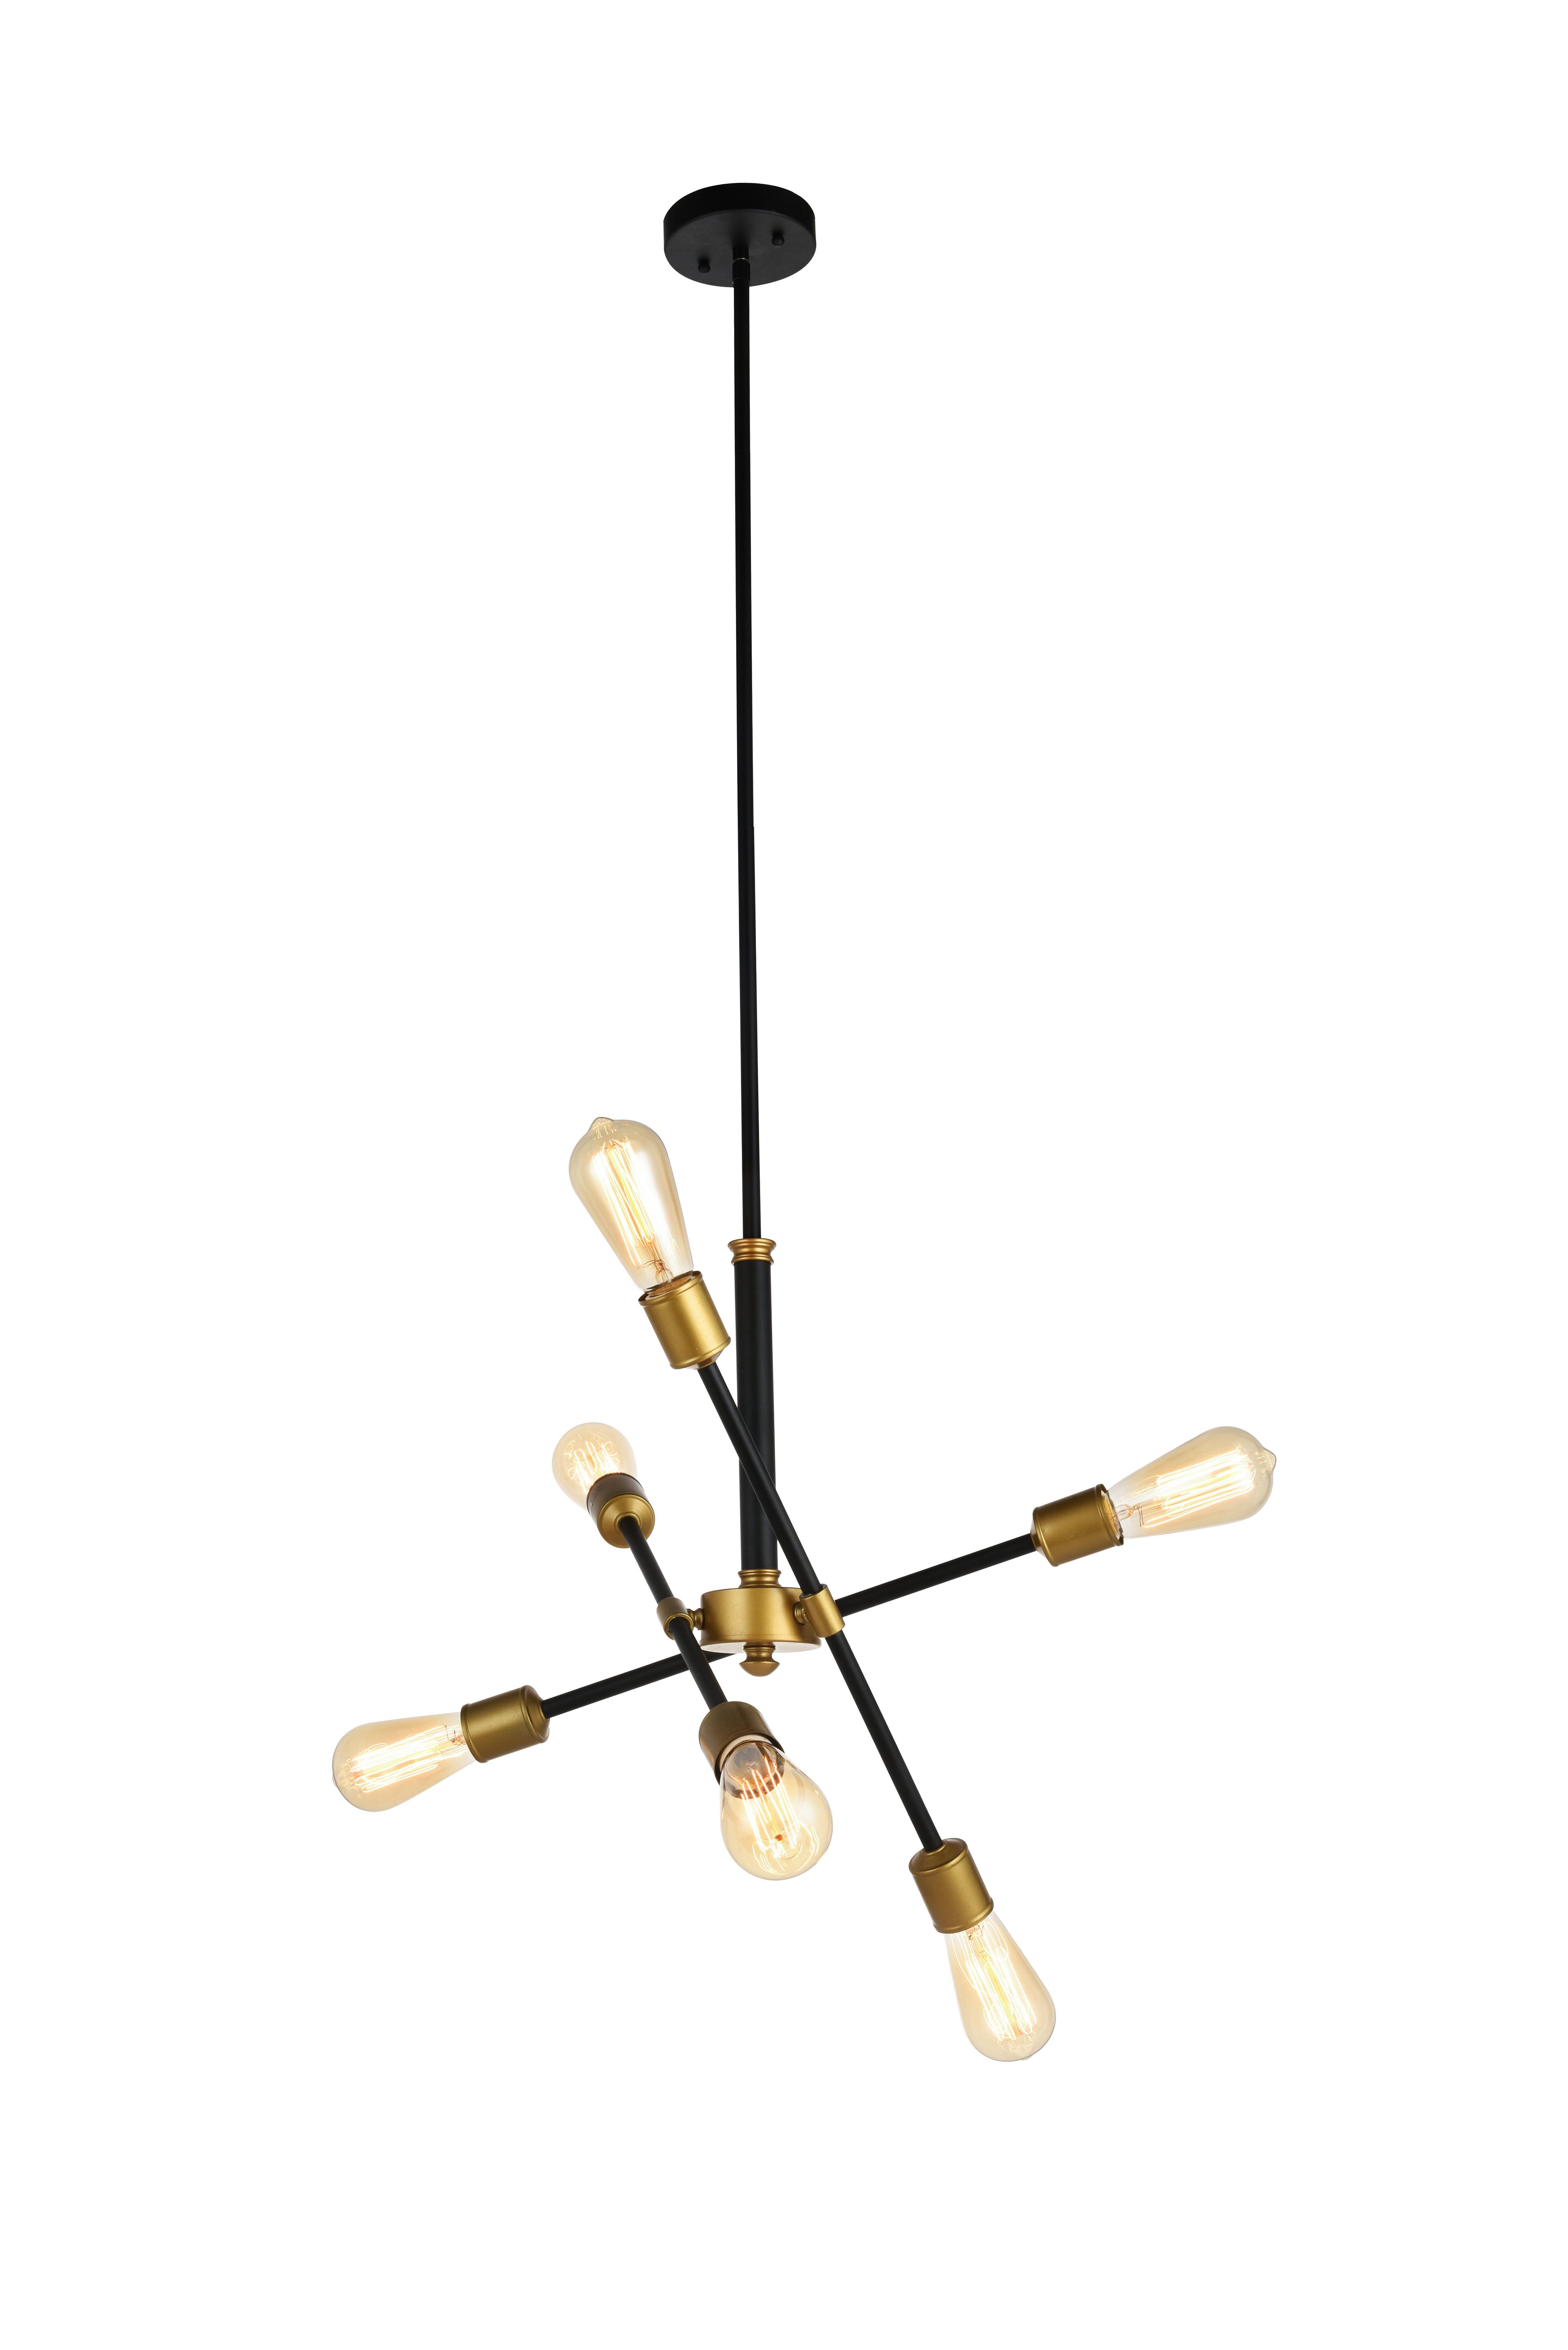 Everett 10-Light Sputnik Chandeliers in Most Current Johanne 6-Light Sputnik Chandelier